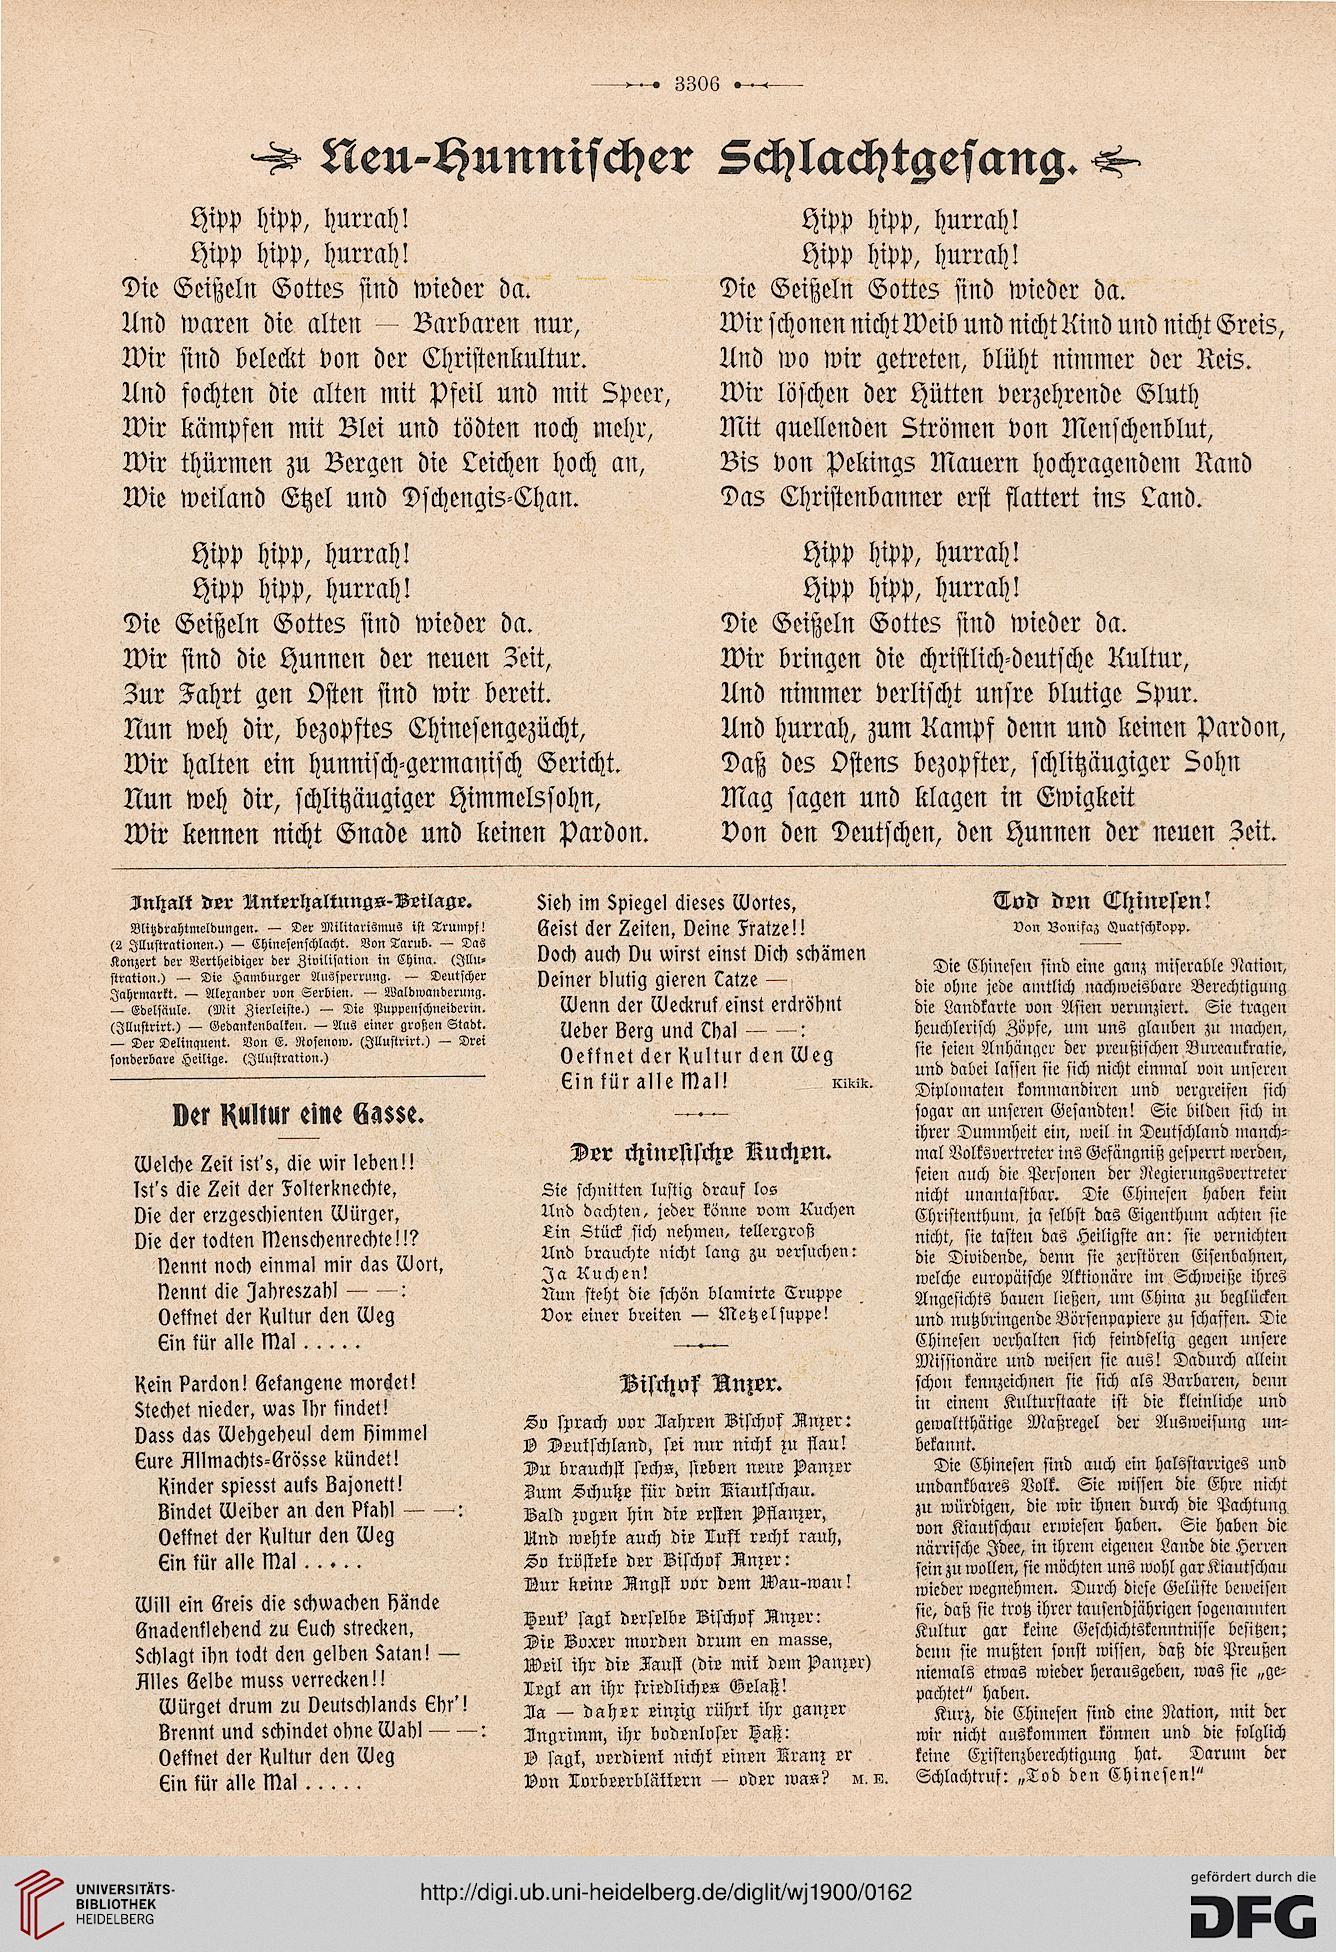 Der Wahre Jakob Nr. 367 (14. August 1900)